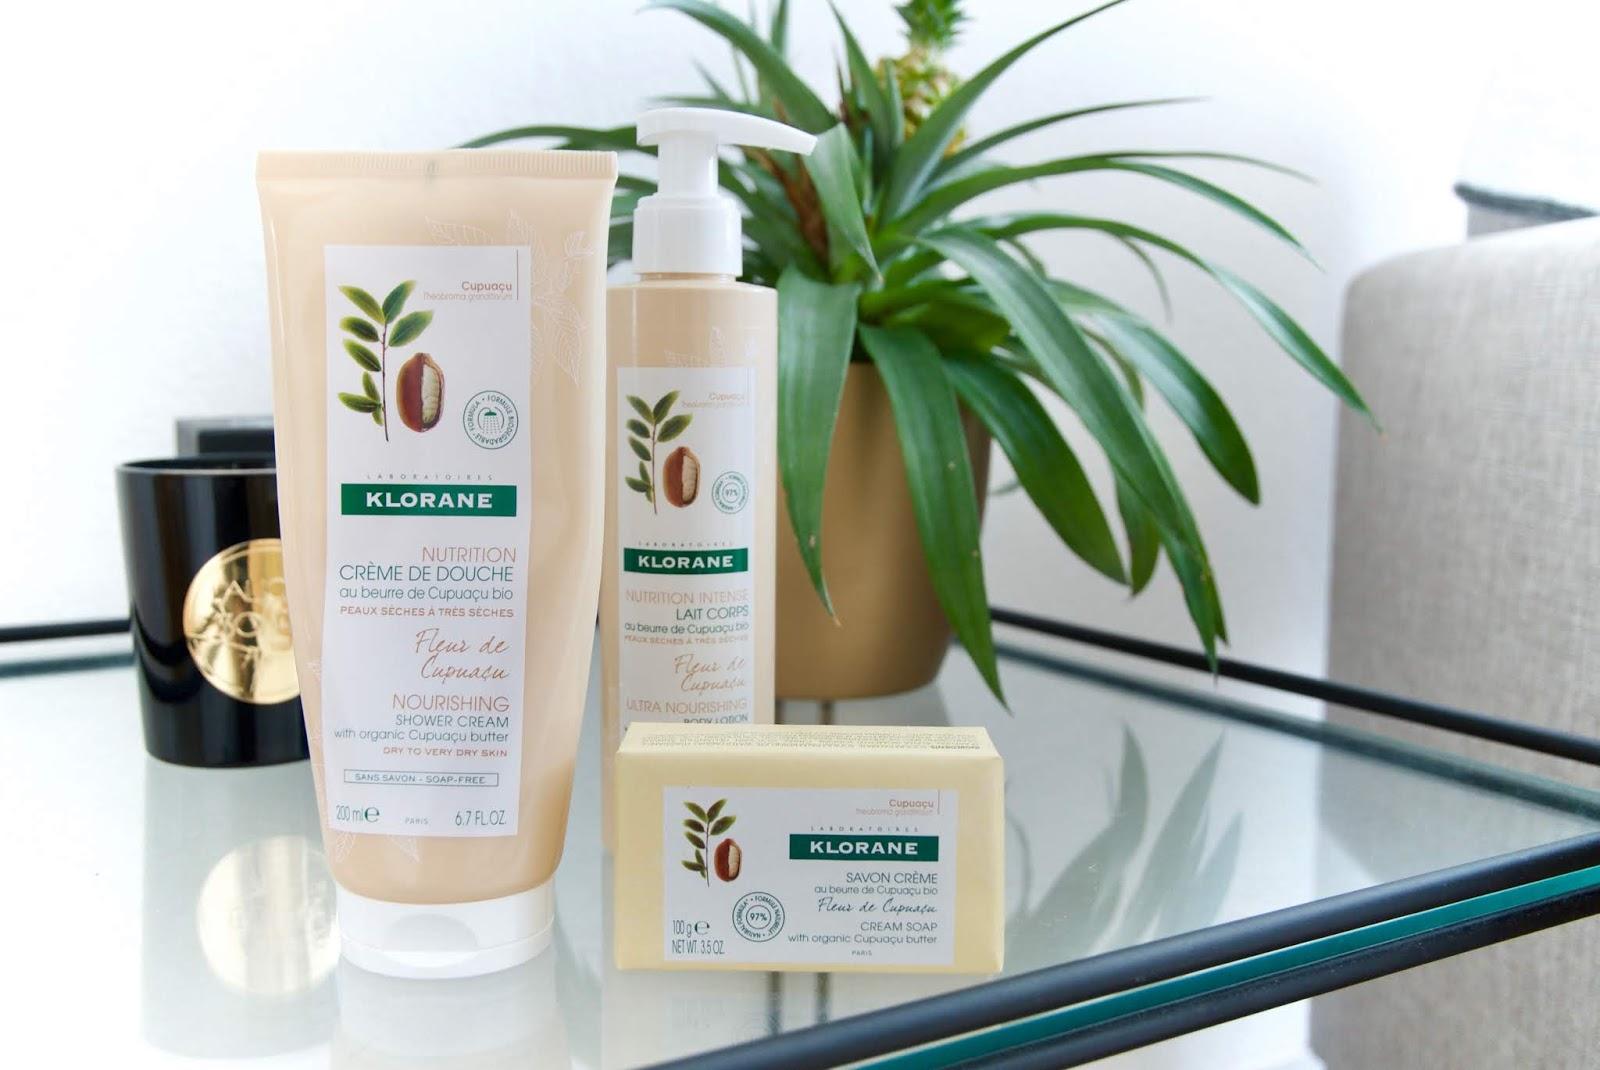 Swiss Beautytalk Klorane Introduces Skin Care With Cupuacu